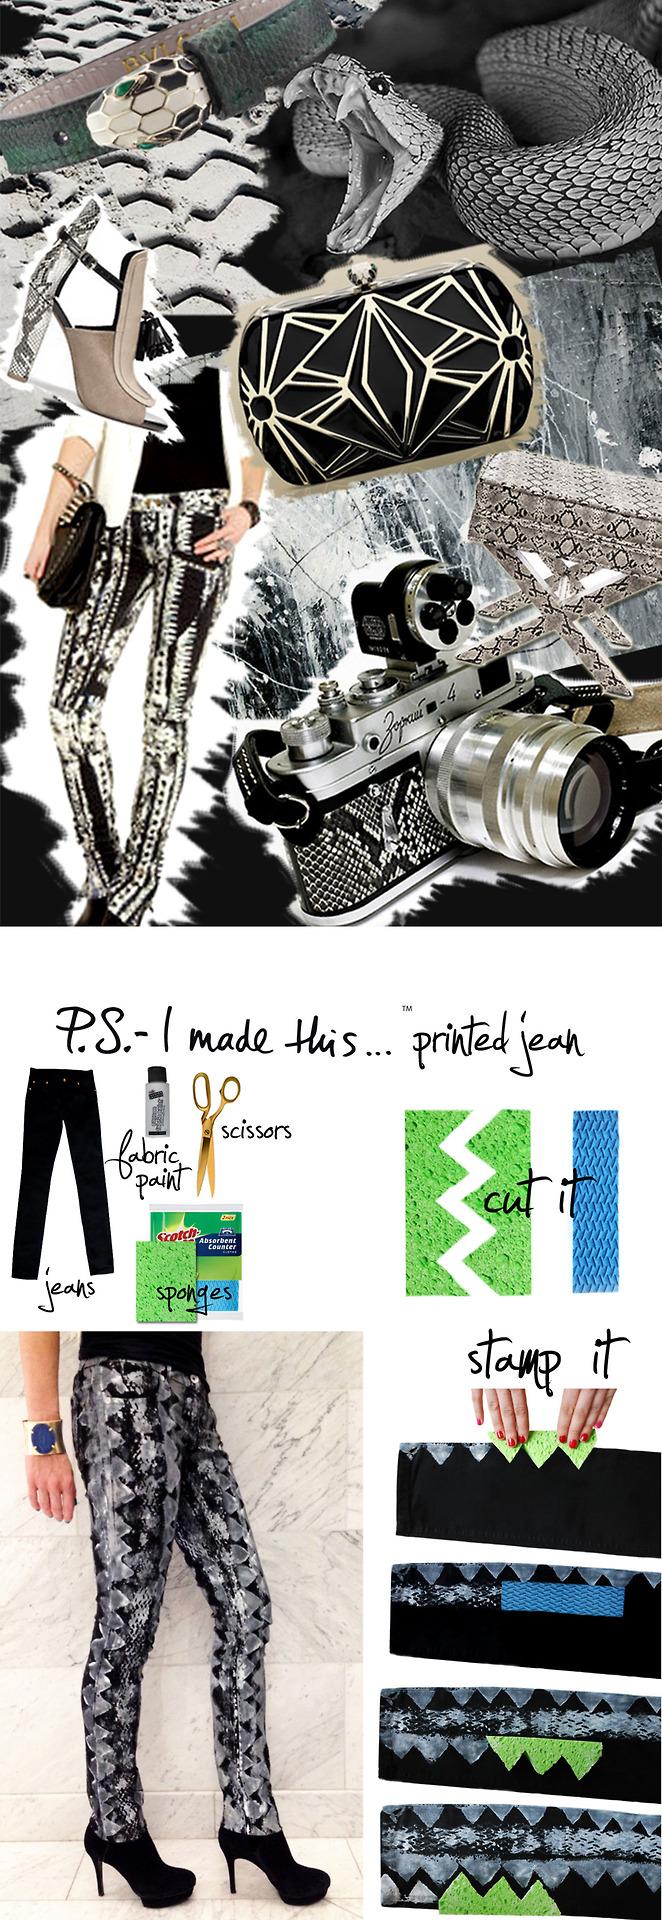 03.08.12_printed jean